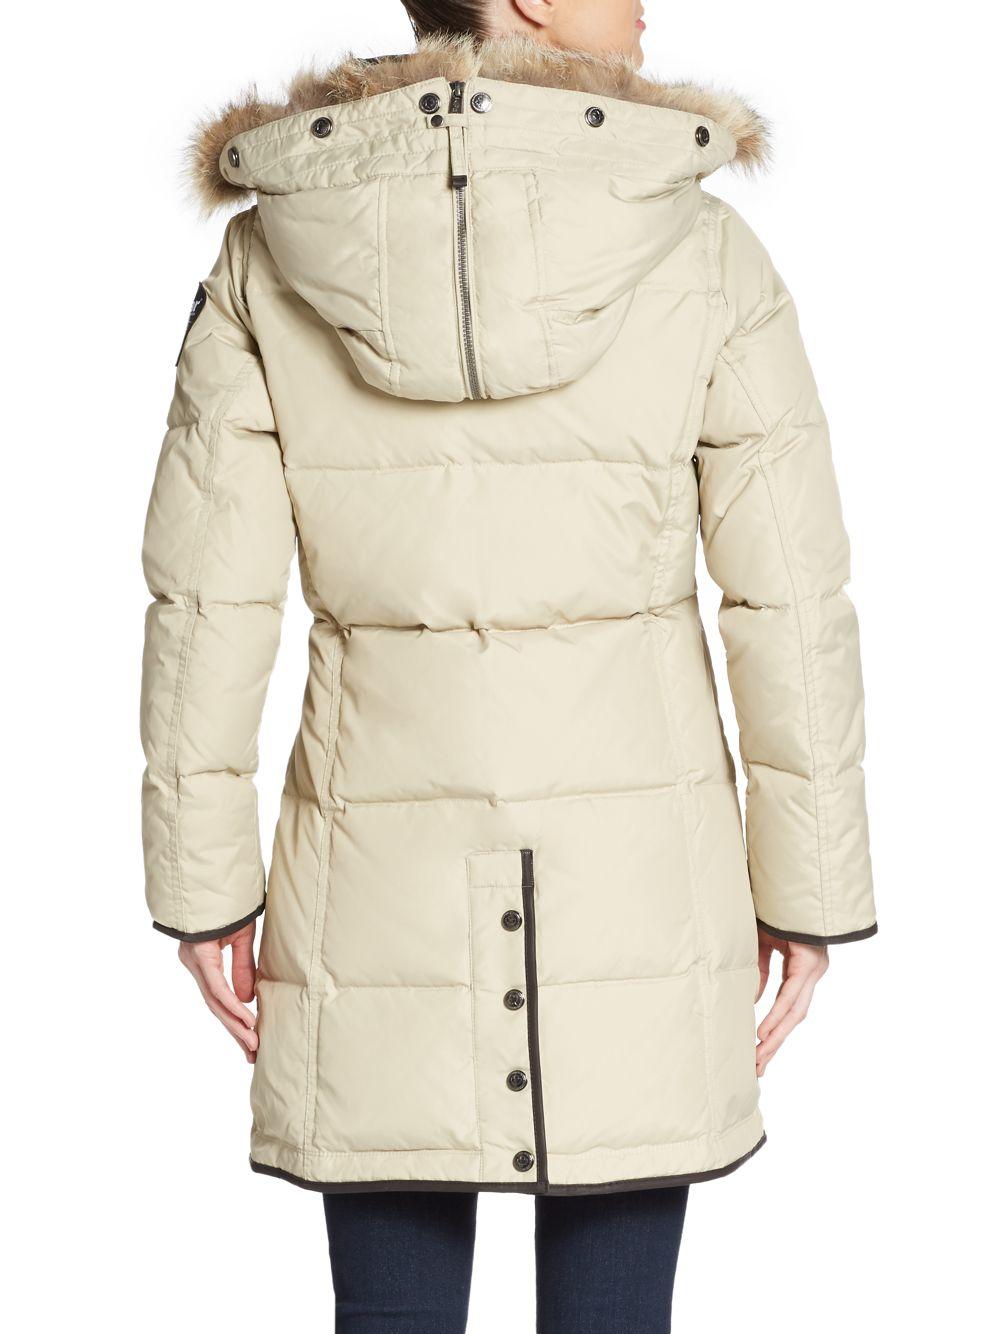 Lyst Pajar Cougar Fur Trimmed Puffer Coat In Natural